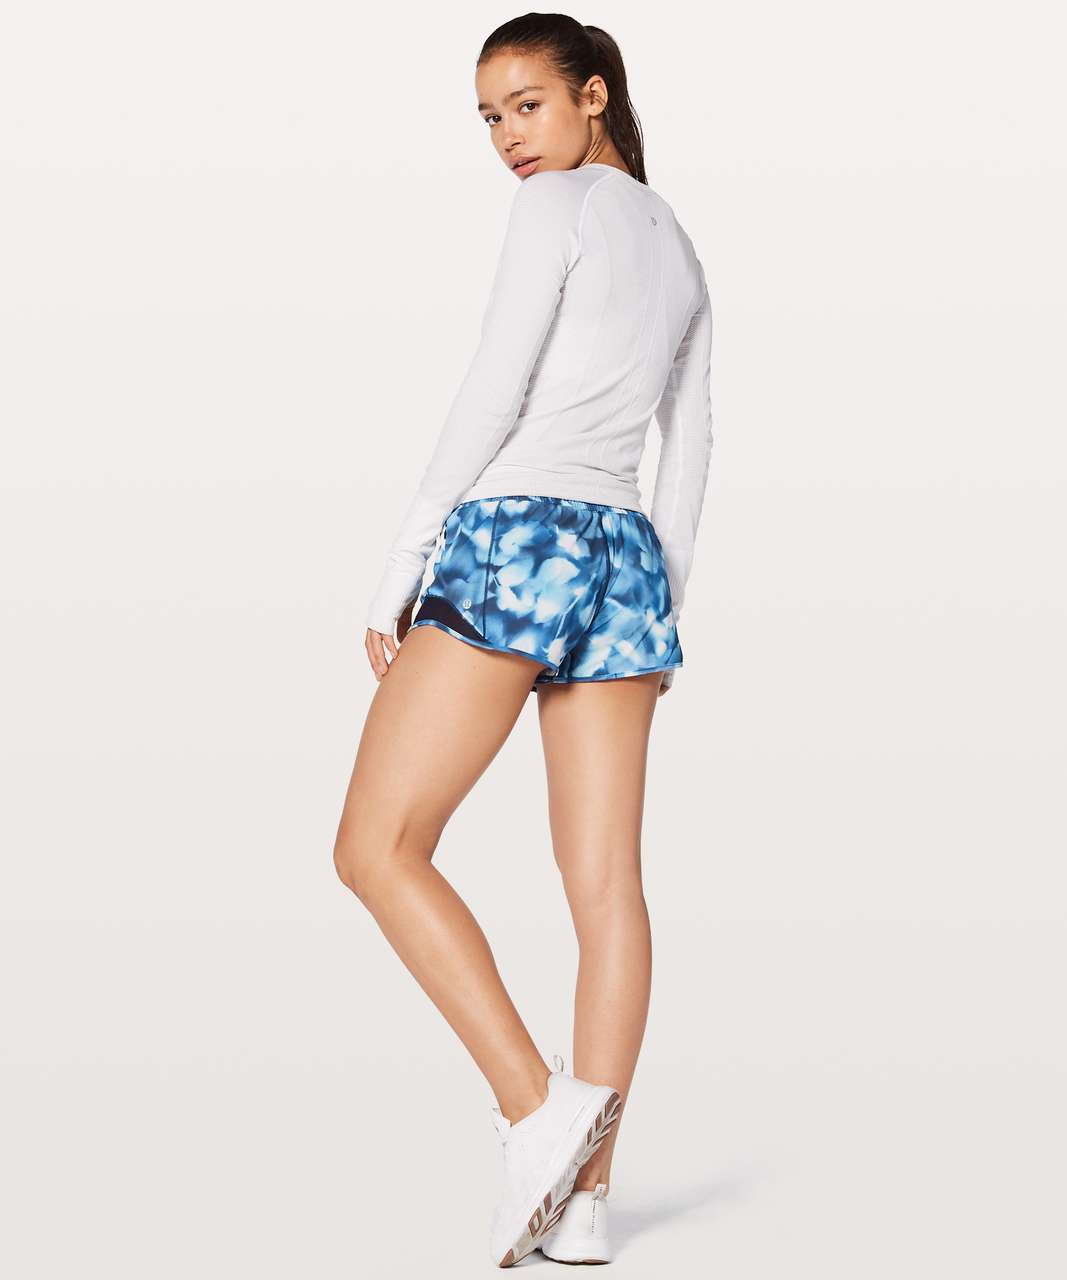 """Lululemon Hotty Hot Short II 2.5"""" - Mini Blush Blossom Alpine White Midnight Navy / Midnight Navy"""